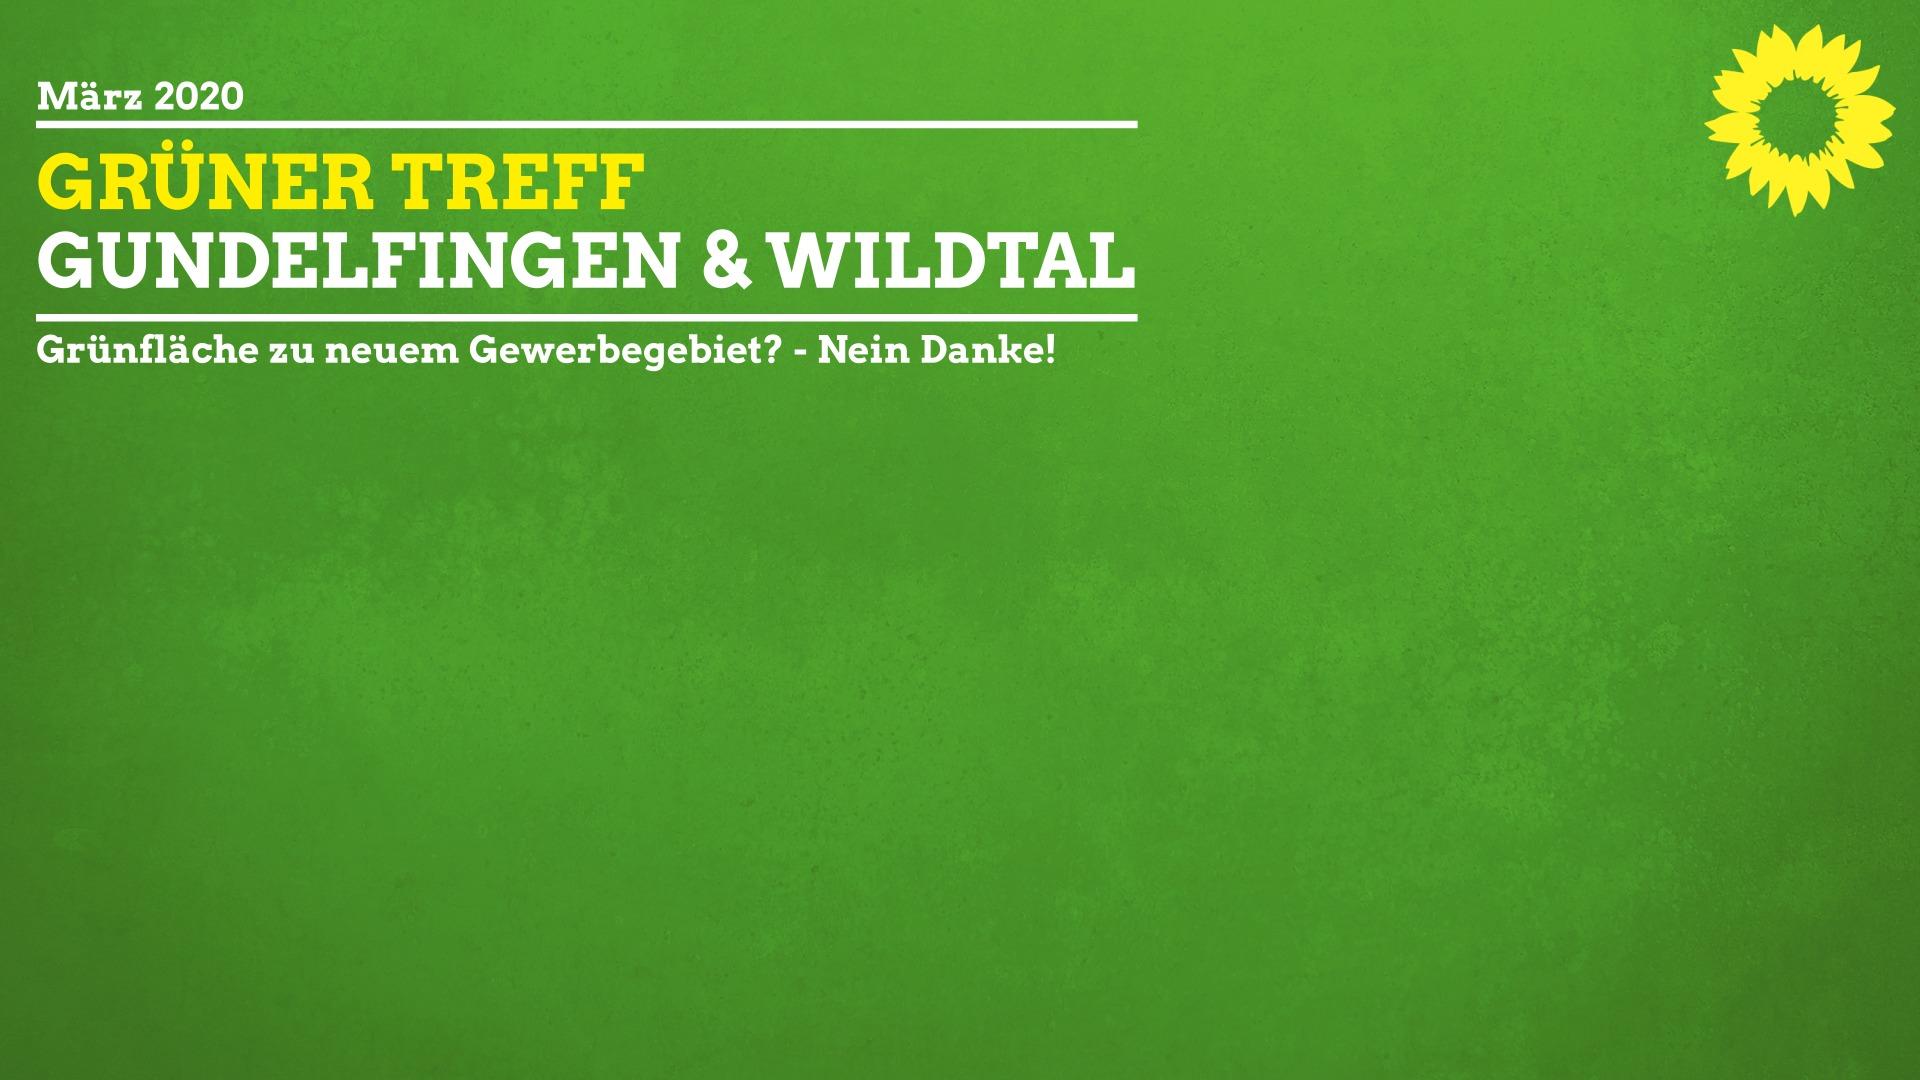 """Einladung zum Grünen Treff im März – Schwerpunktthema: """"Grünfläche zu neuem Gewerbegebiet? – Nein Danke!"""""""